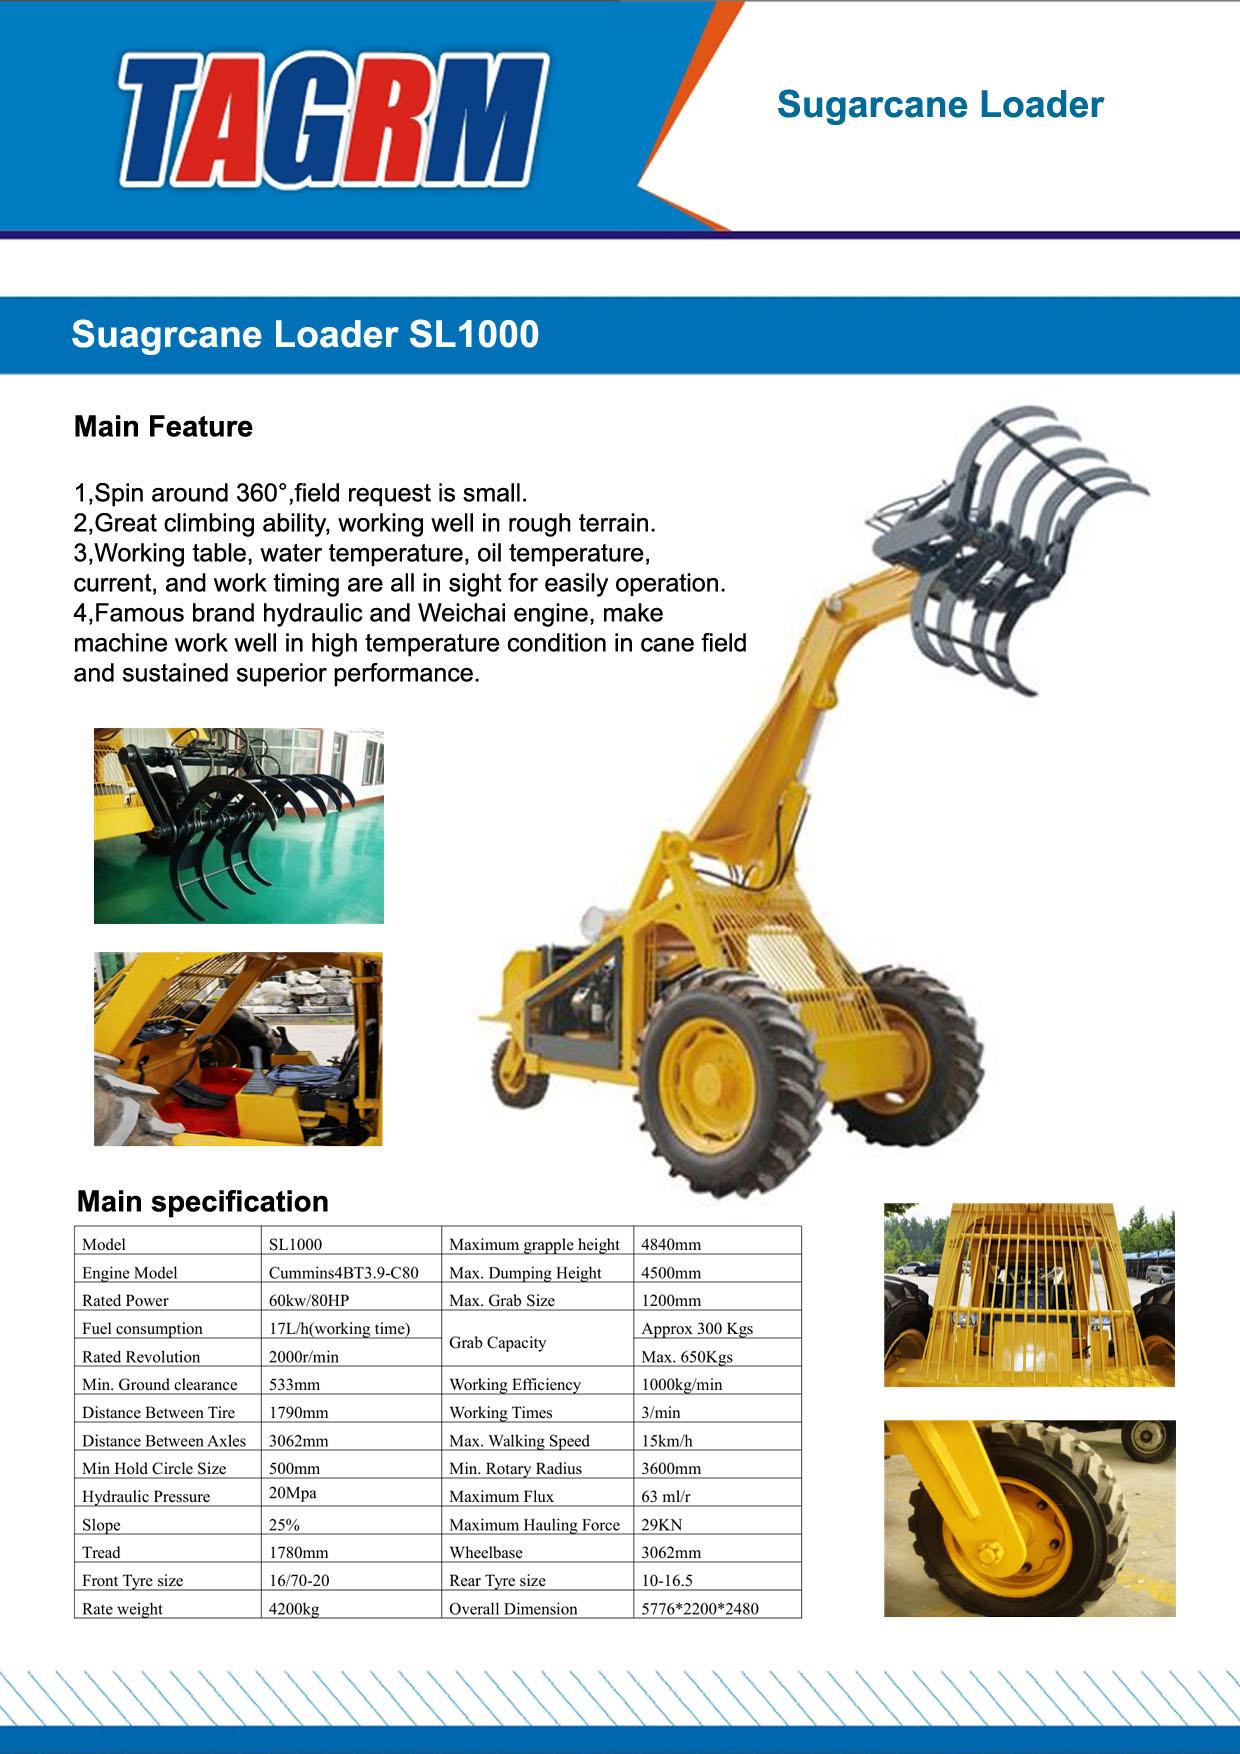 SL1000 sugarcane loader